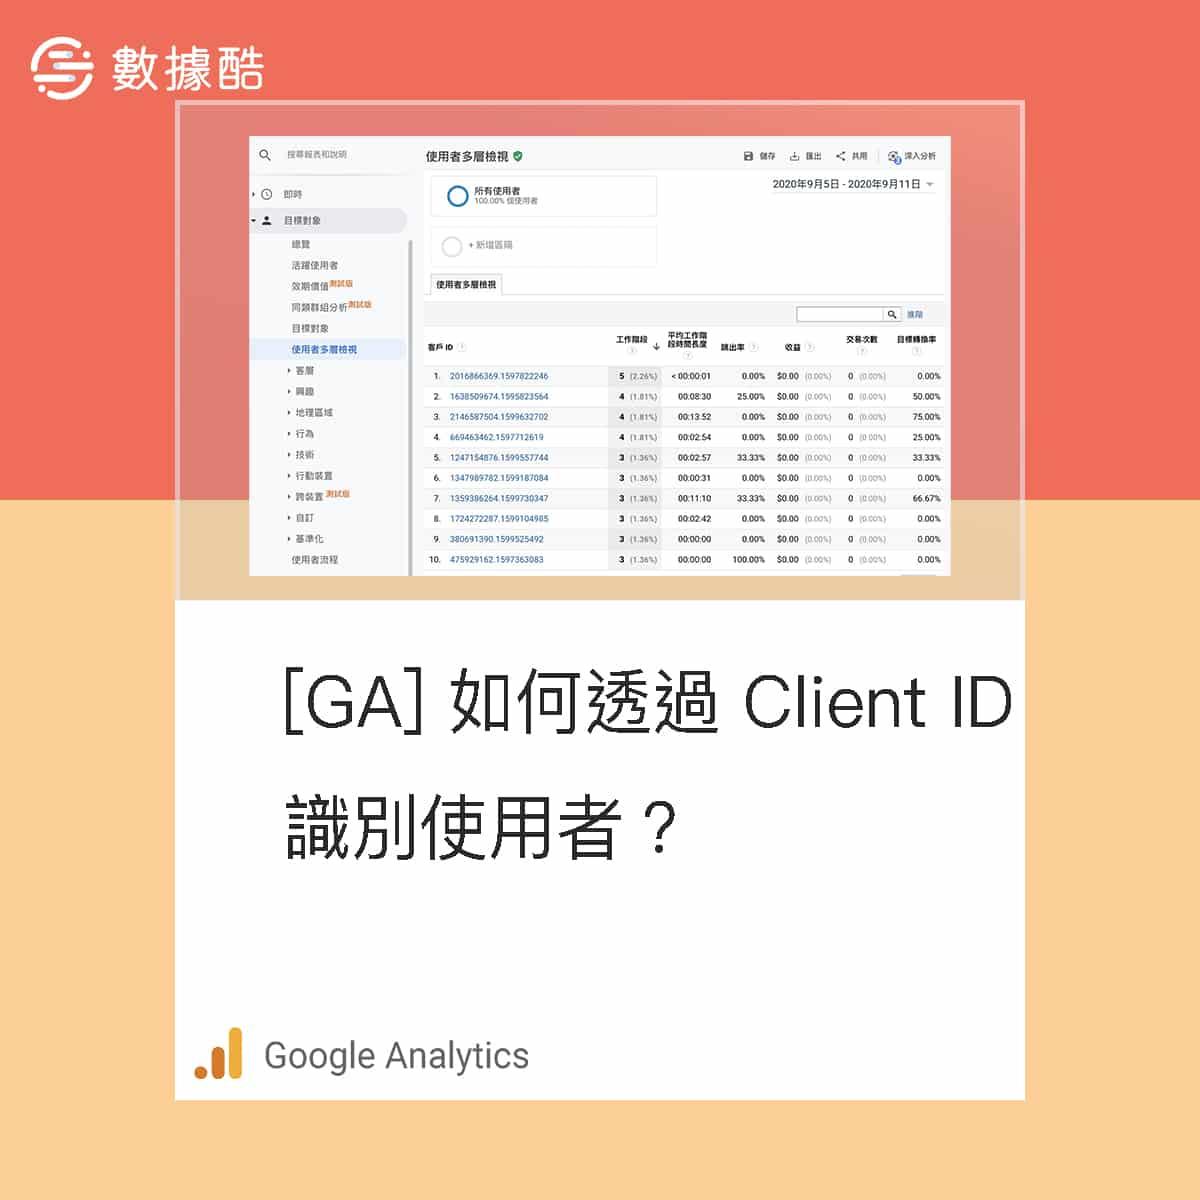 GA 如何透過 Client ID 識別使用者?